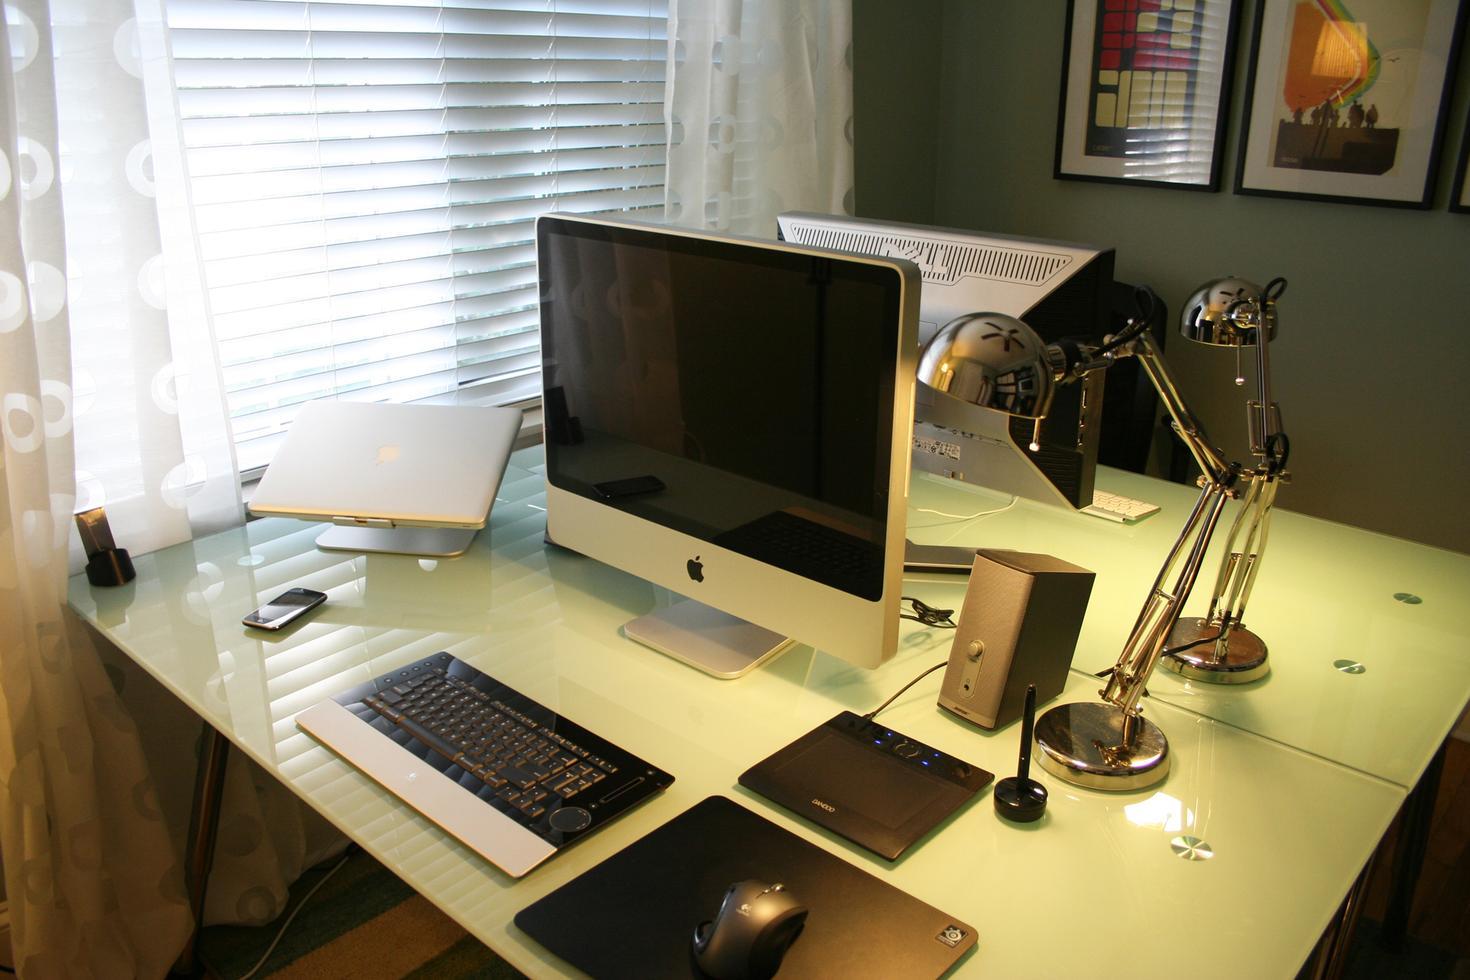 """Офисное место для программистов"""" - карточка пользователя pil."""